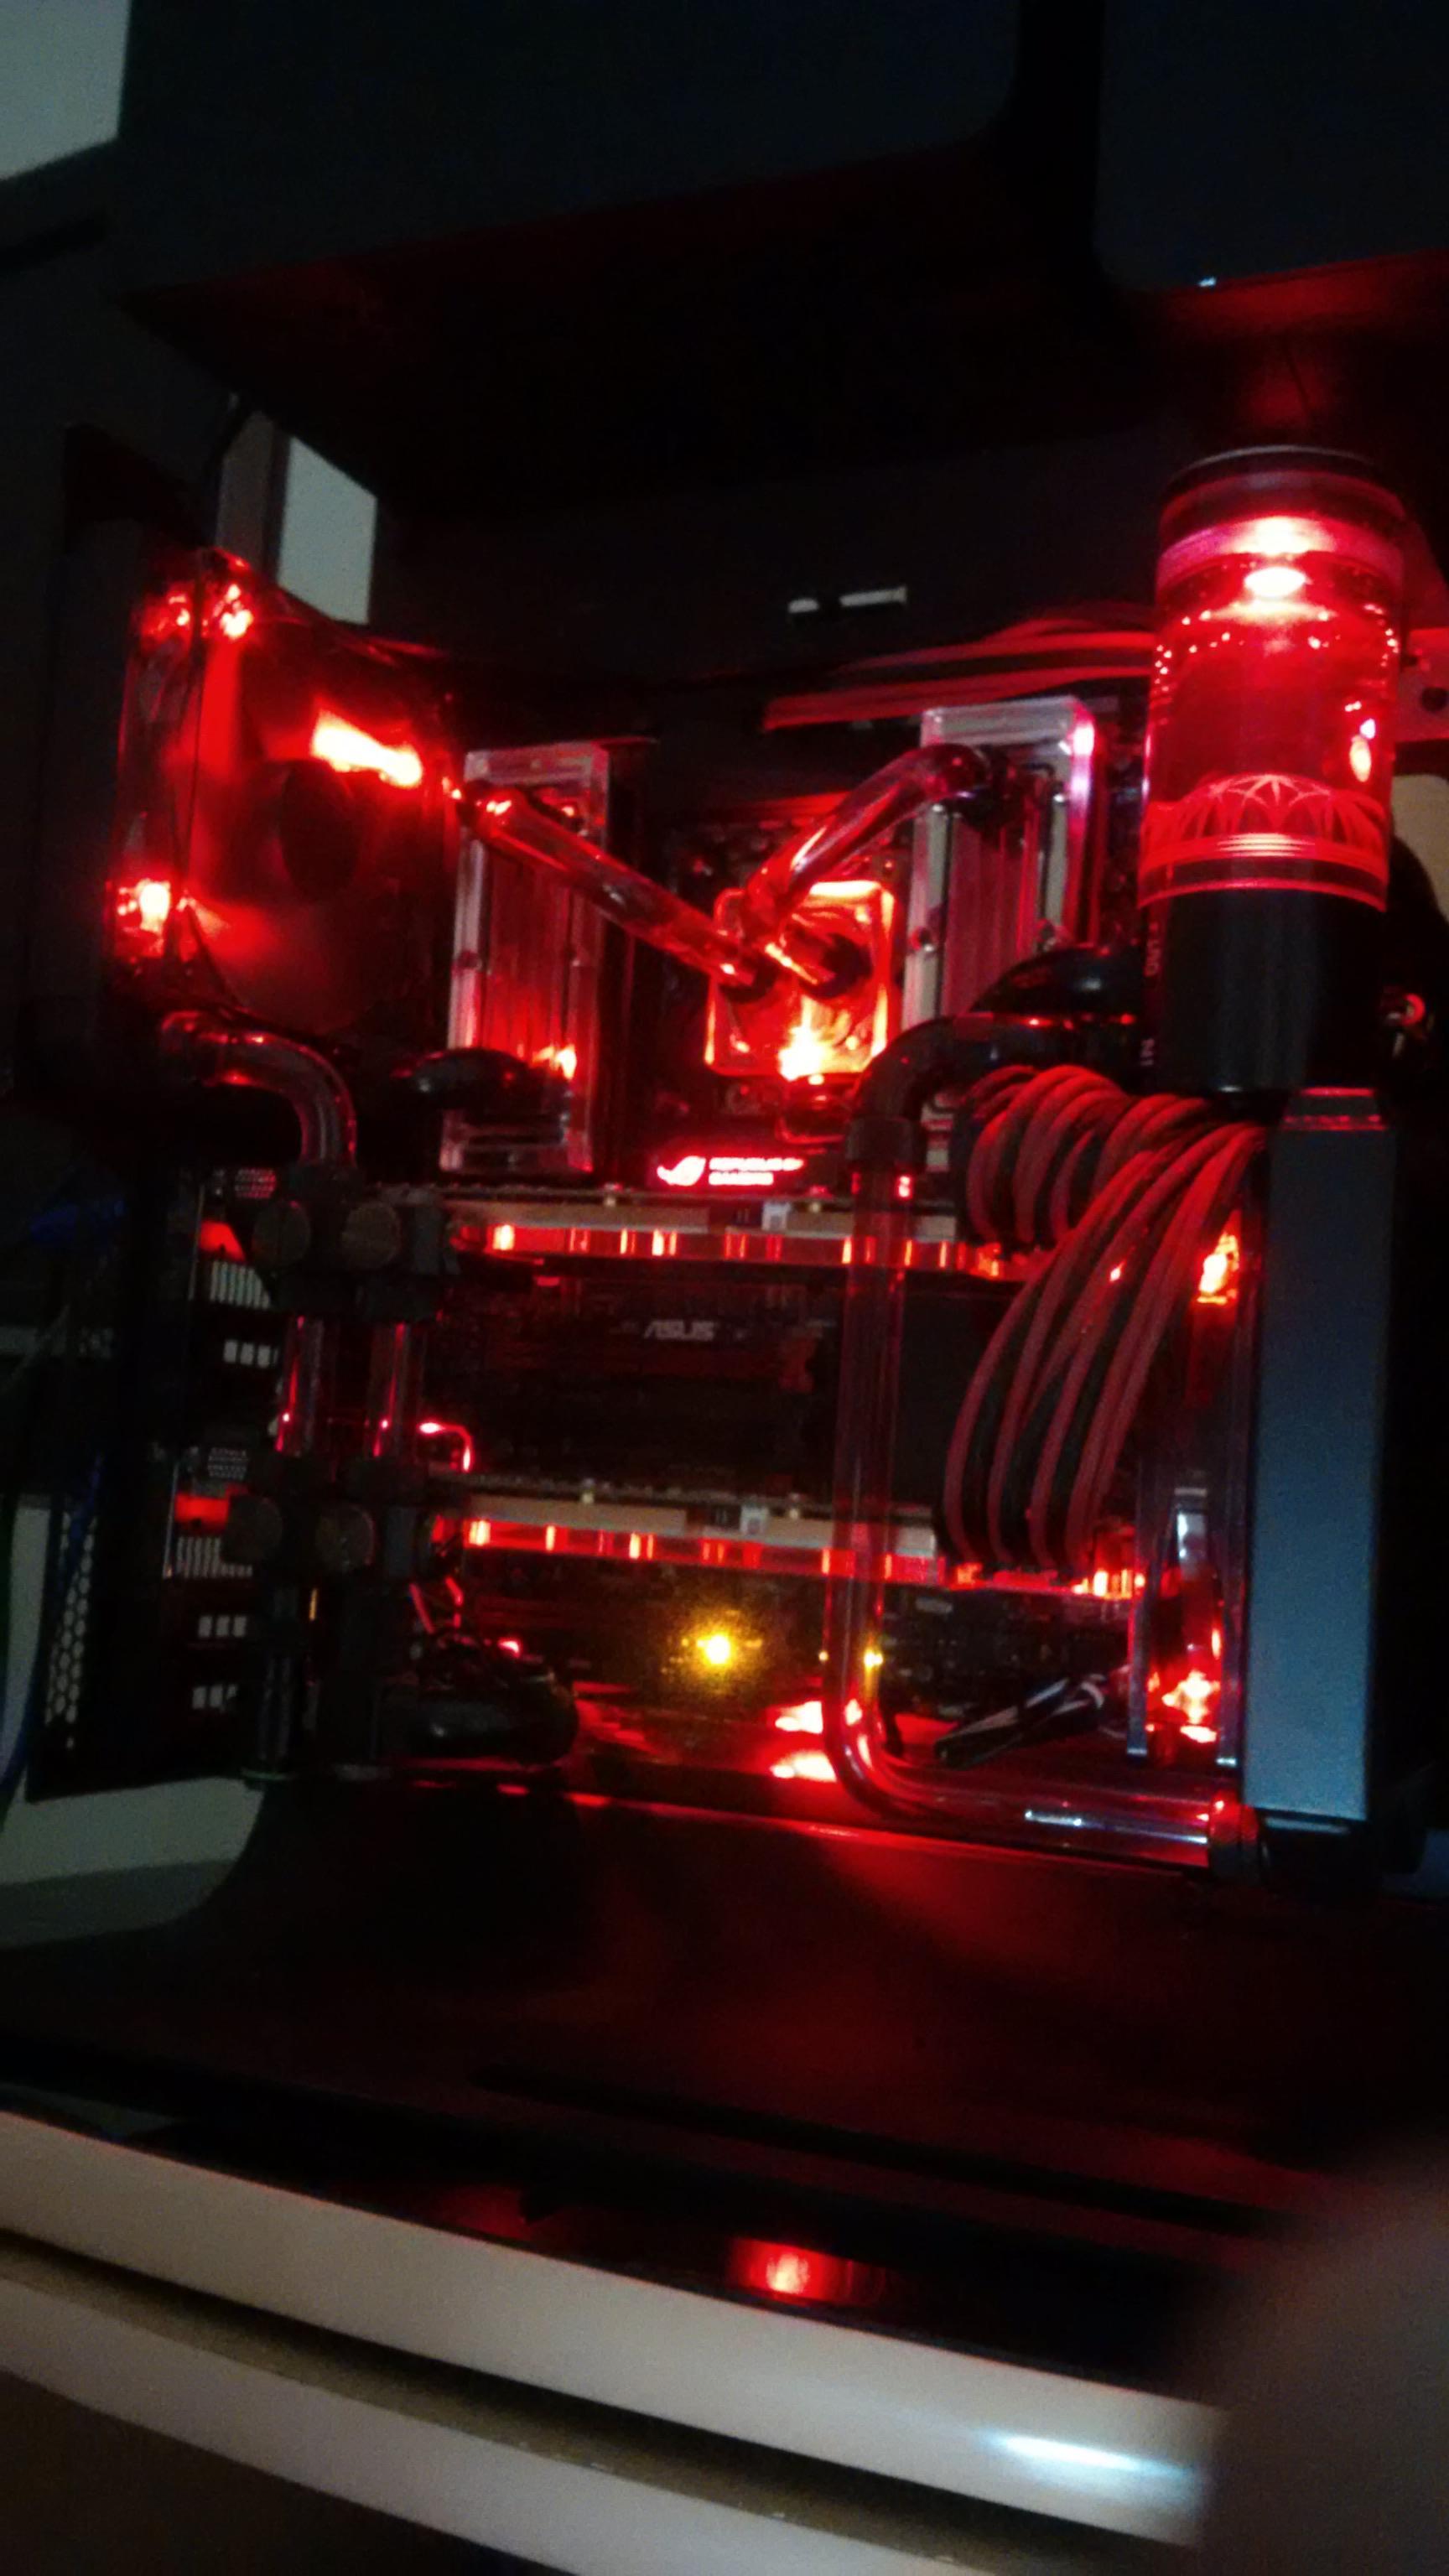 Gaming PC (Custom Watercooled CPU, RAM, GPU) Negotiable